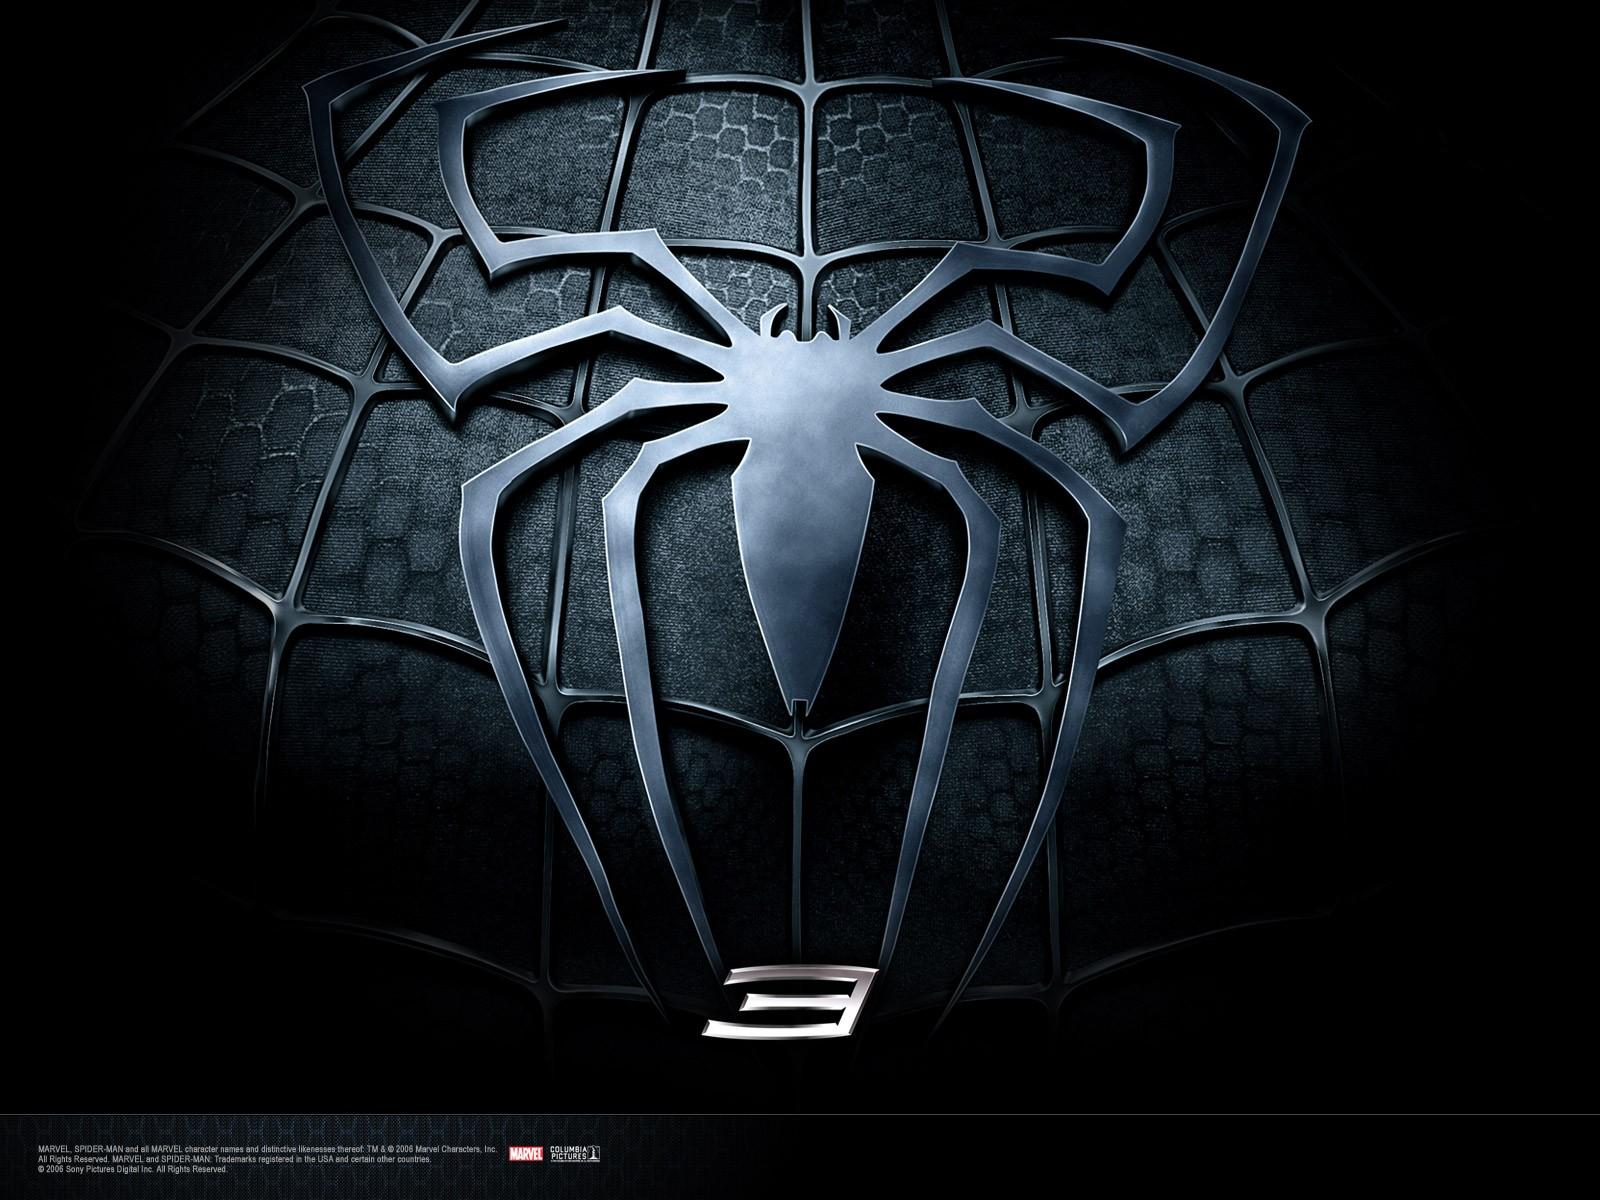 Wallpaper di Spiderman oscuro nel film 'Spider-Man 3'